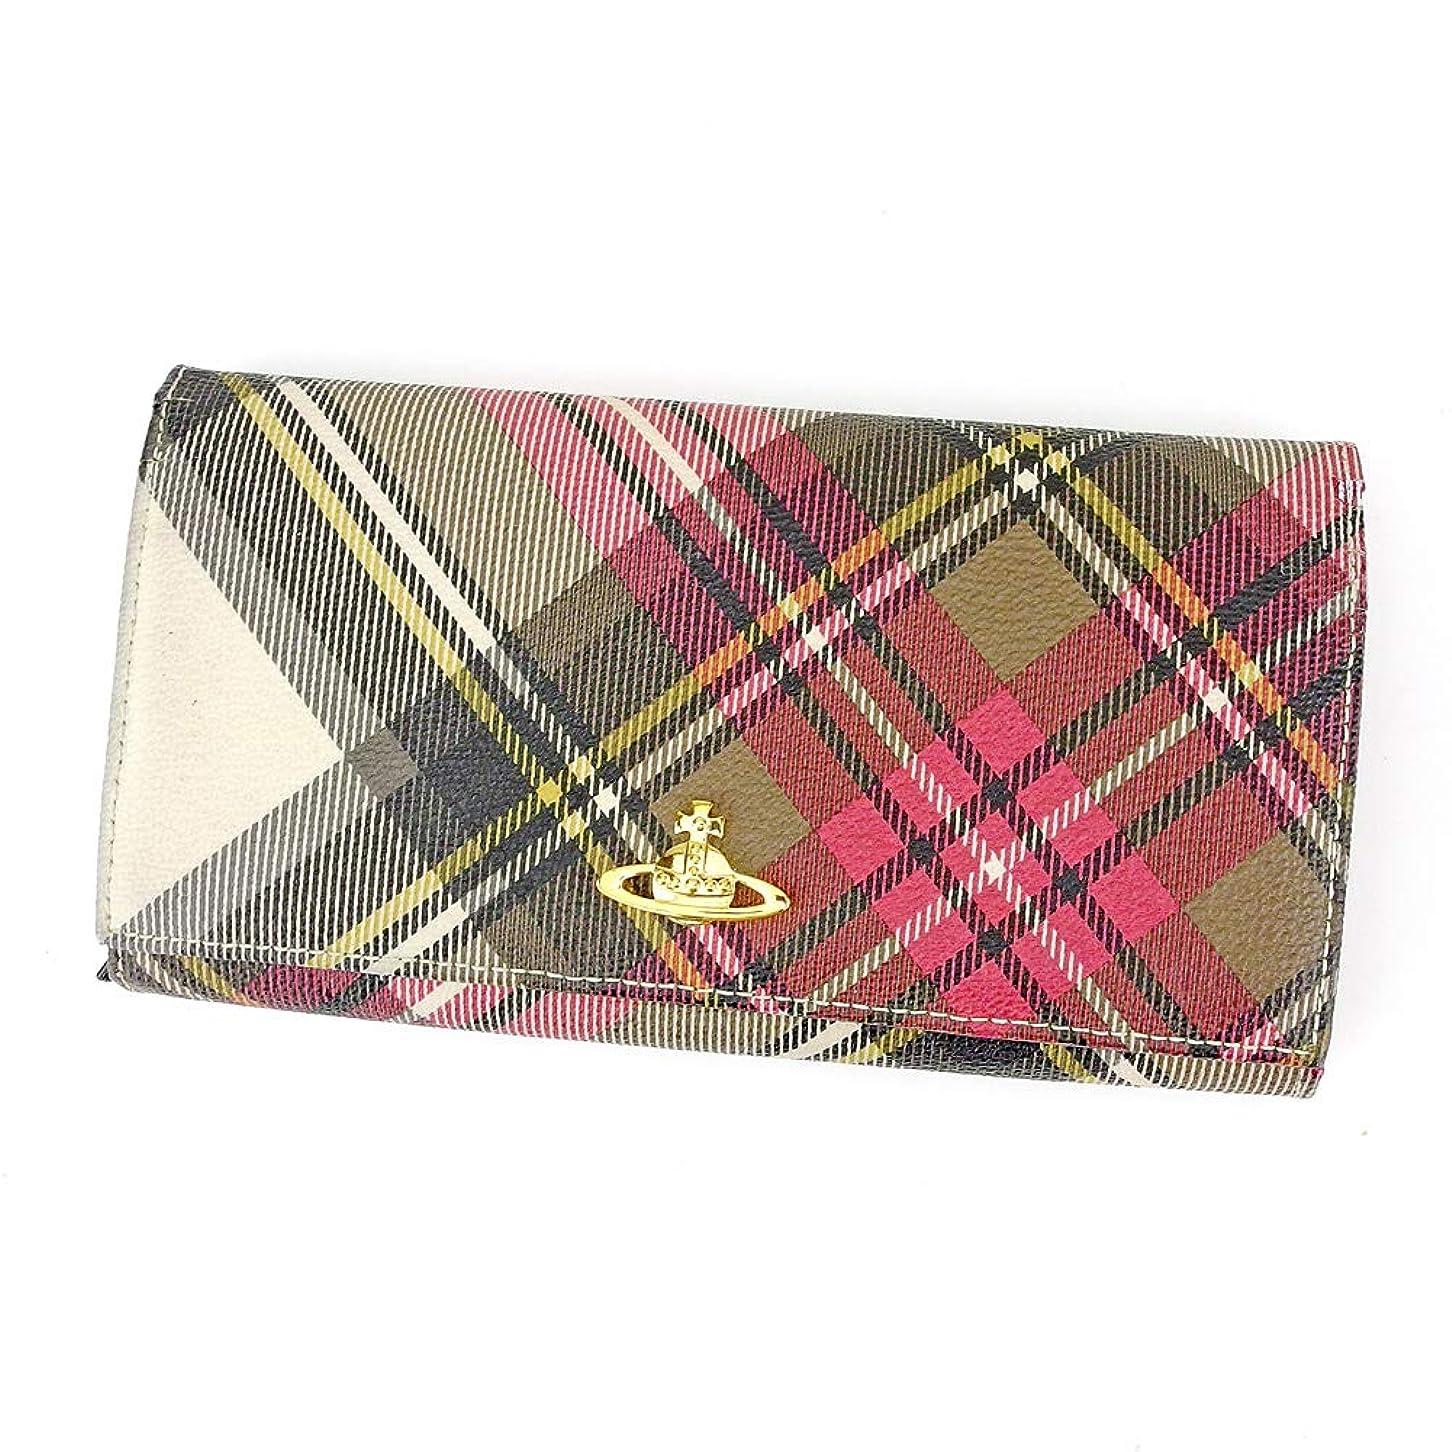 半径のスコアポップヴィヴィアン ウエストウッド Vivienne Westwood 長財布 ラウンドファスナー 財布 レディース メンズ ニューエキシビジョン ダービー 中古 P941